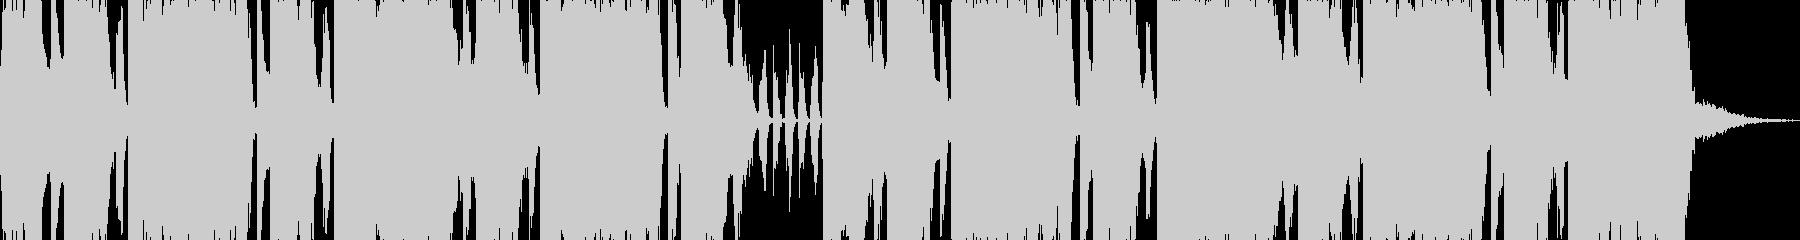 ロックエレキが気持ちい30秒ジングル2の未再生の波形